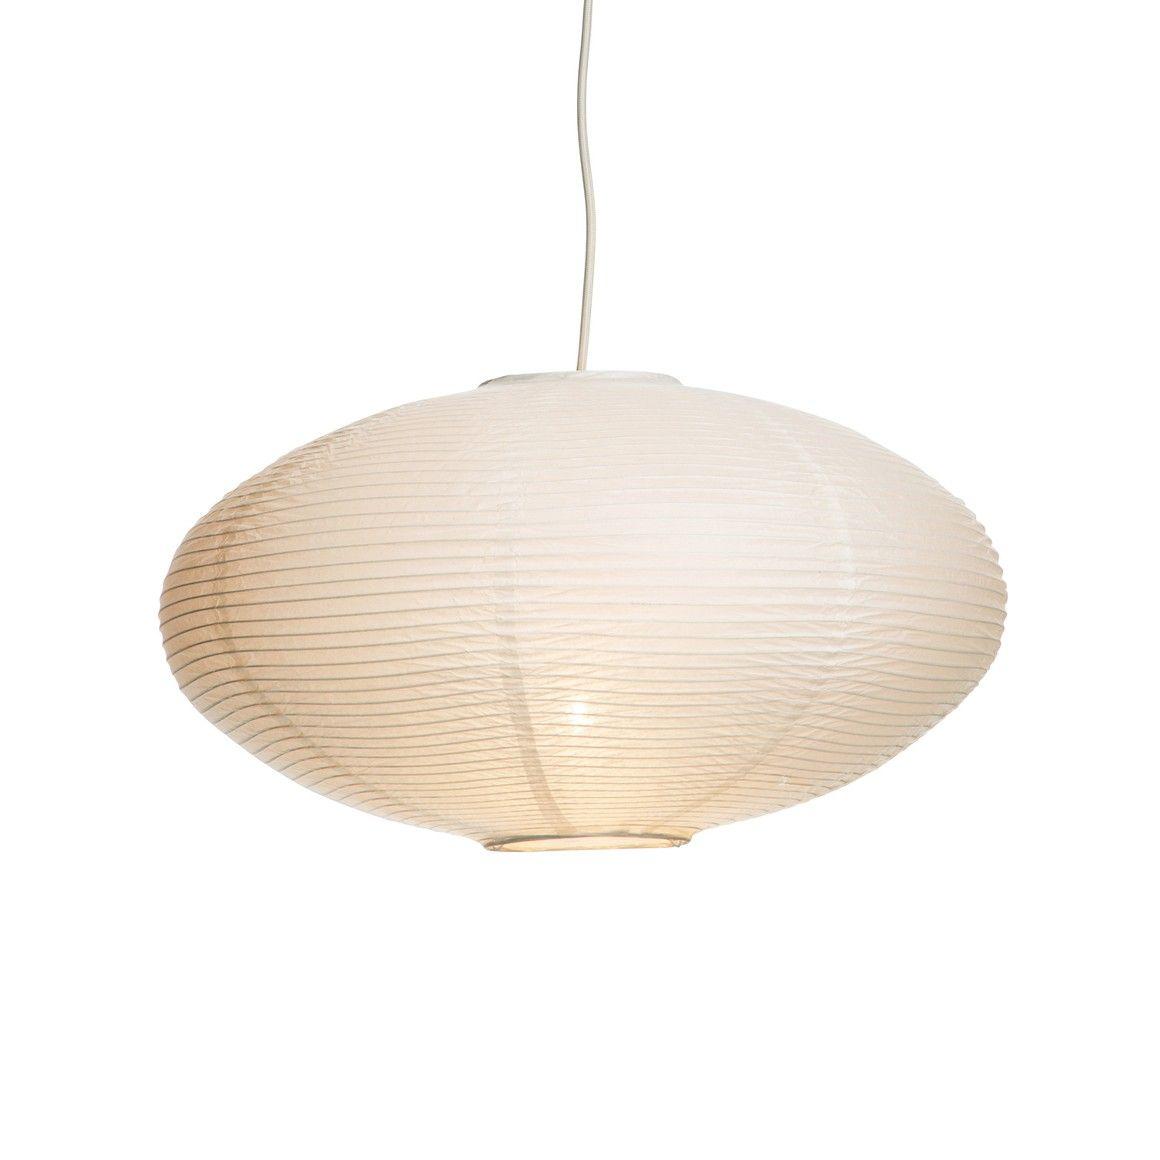 Lampe Plume D Oie Mini 60w Avec Suspension Kaito Blanc 14734800 1 Chf 9 00 Lampen Und Leuchten Lampen Leuchtmittel